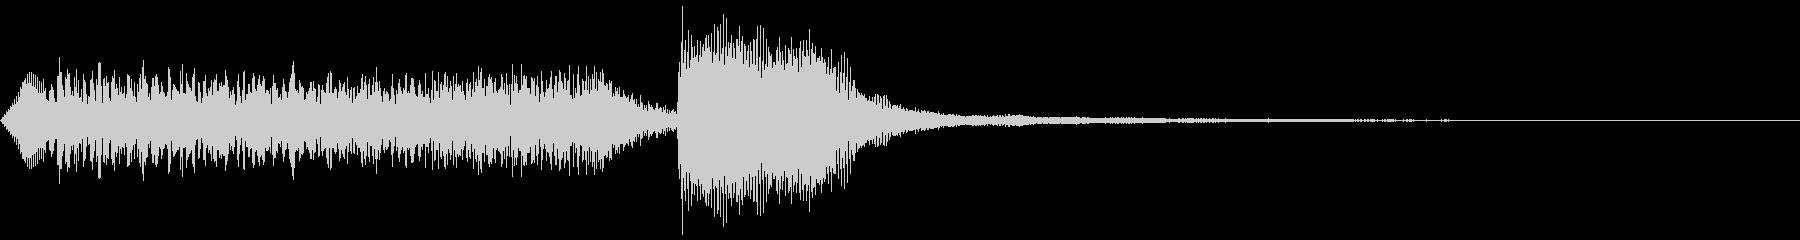 【クリア・目標達成】起床転結感ある効果音の未再生の波形